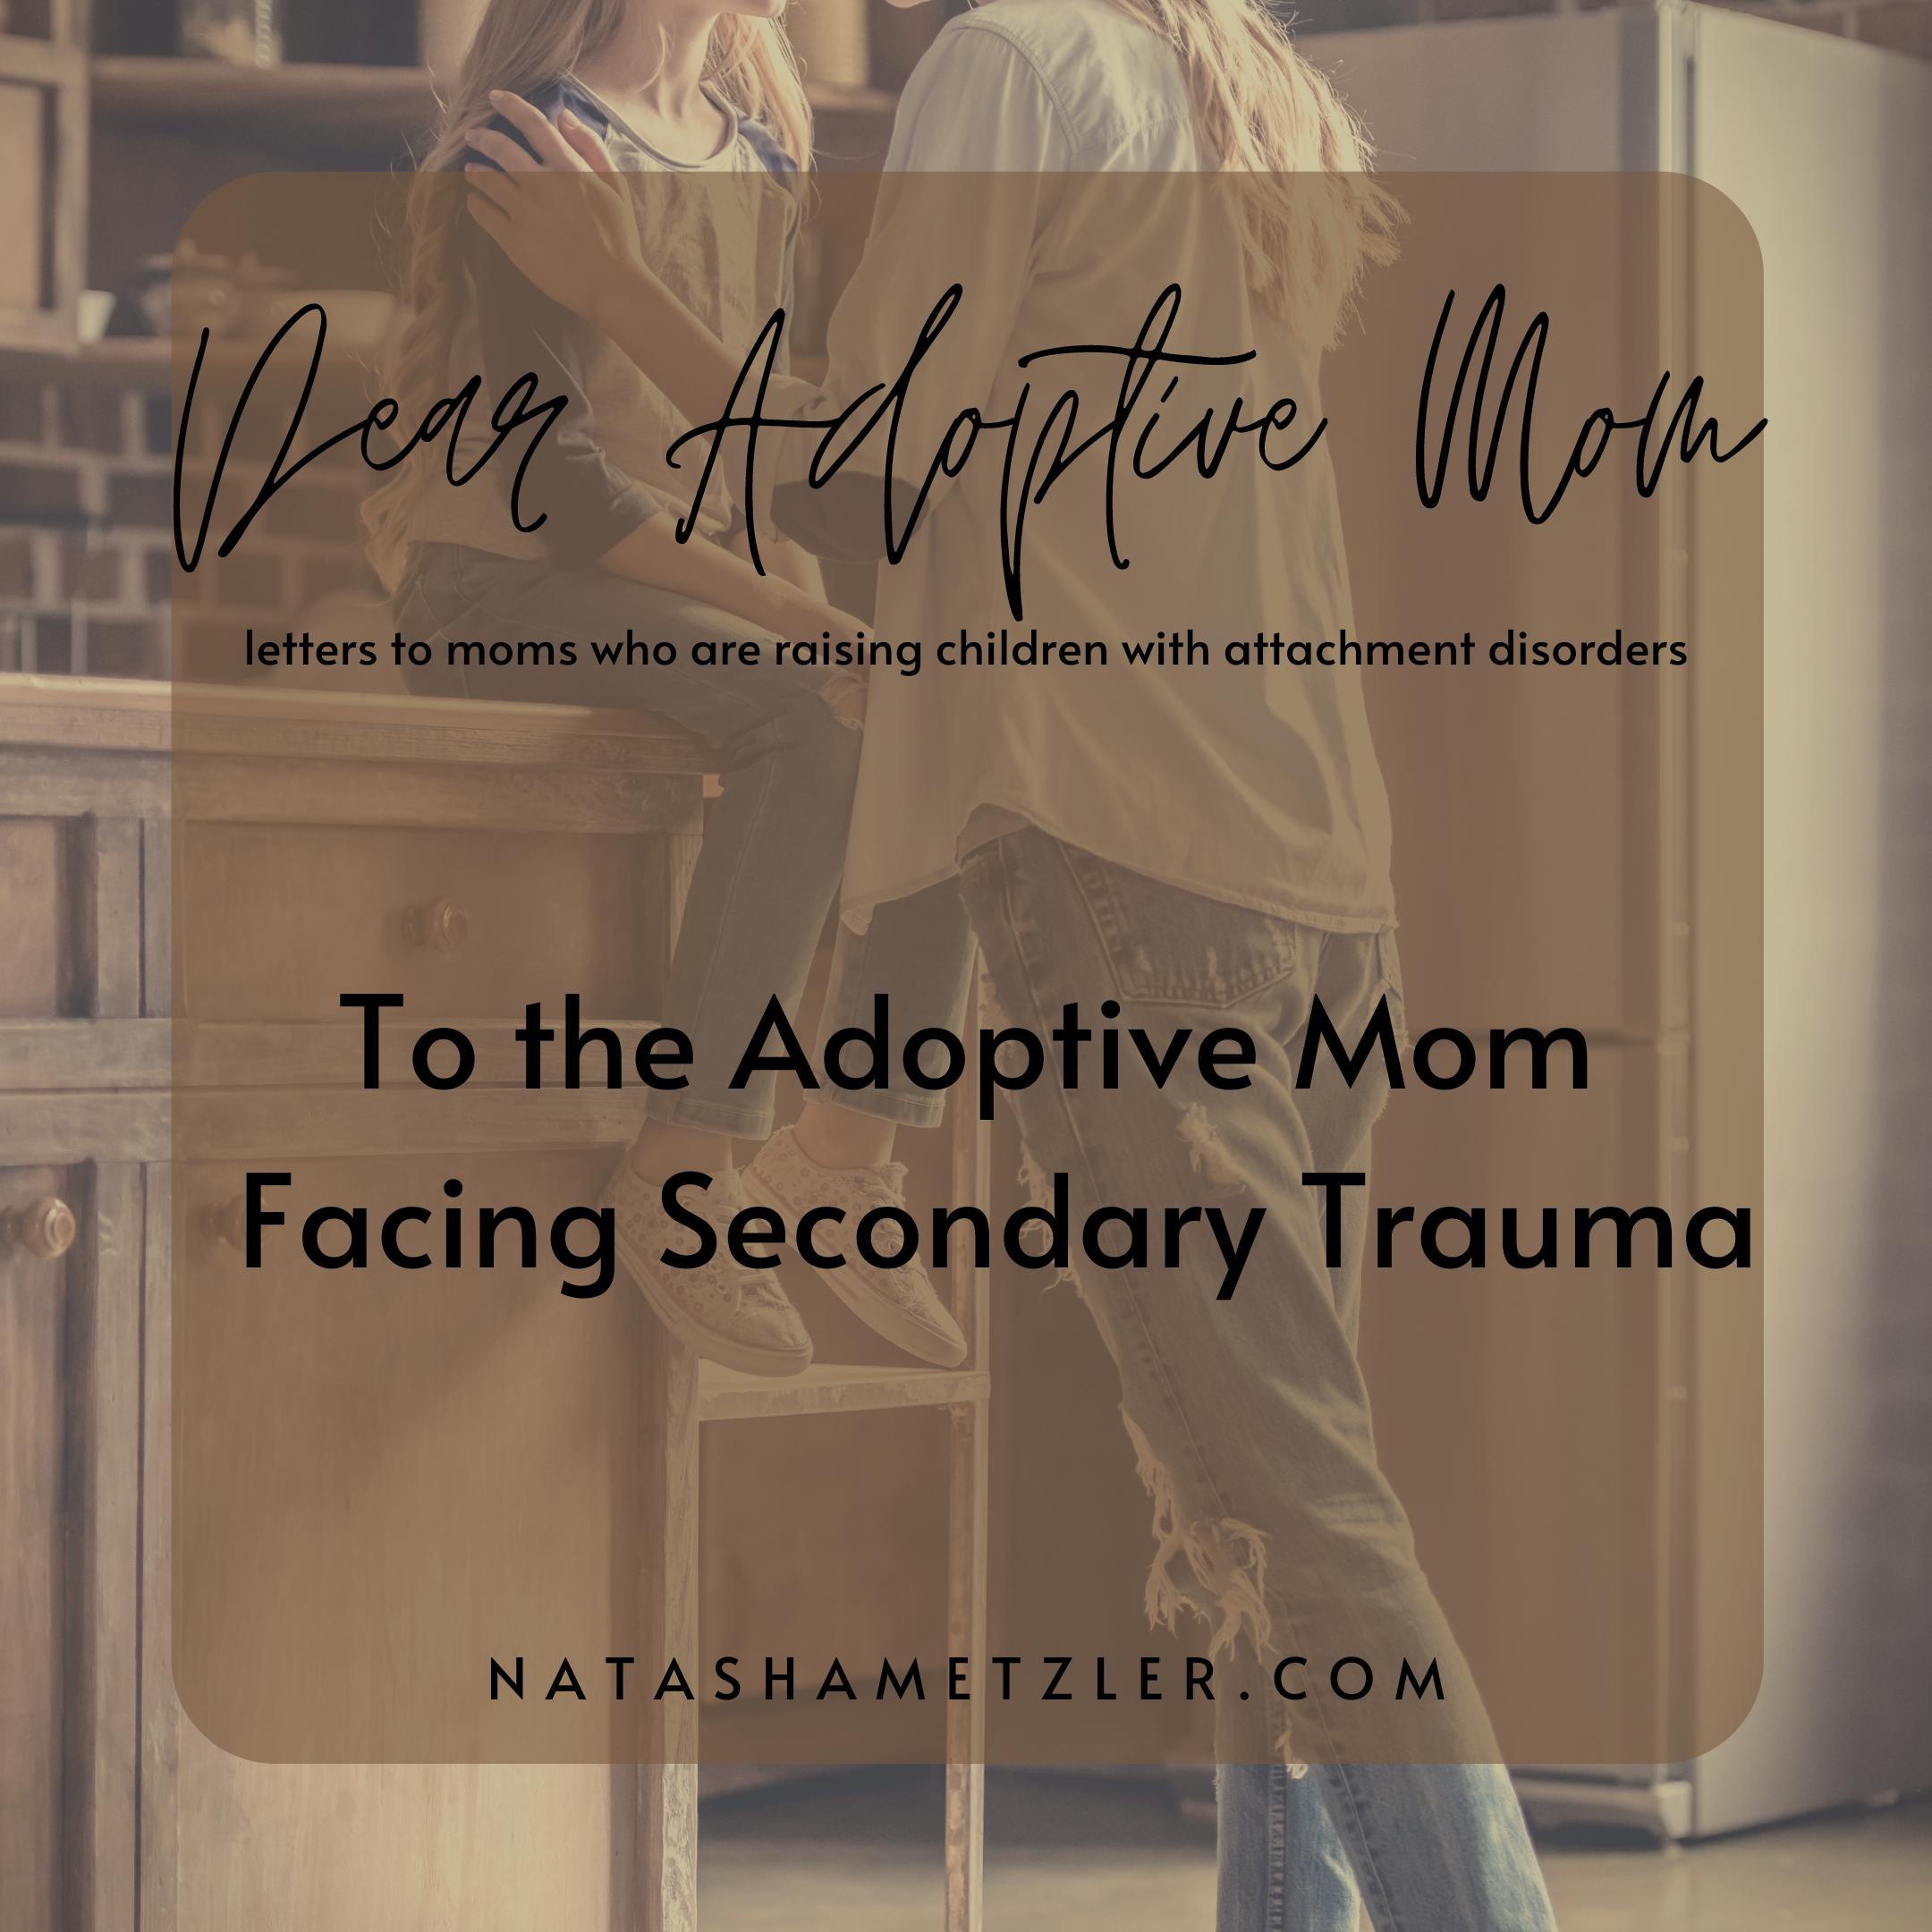 To the Adoptive Mom Facing Secondary Trauma